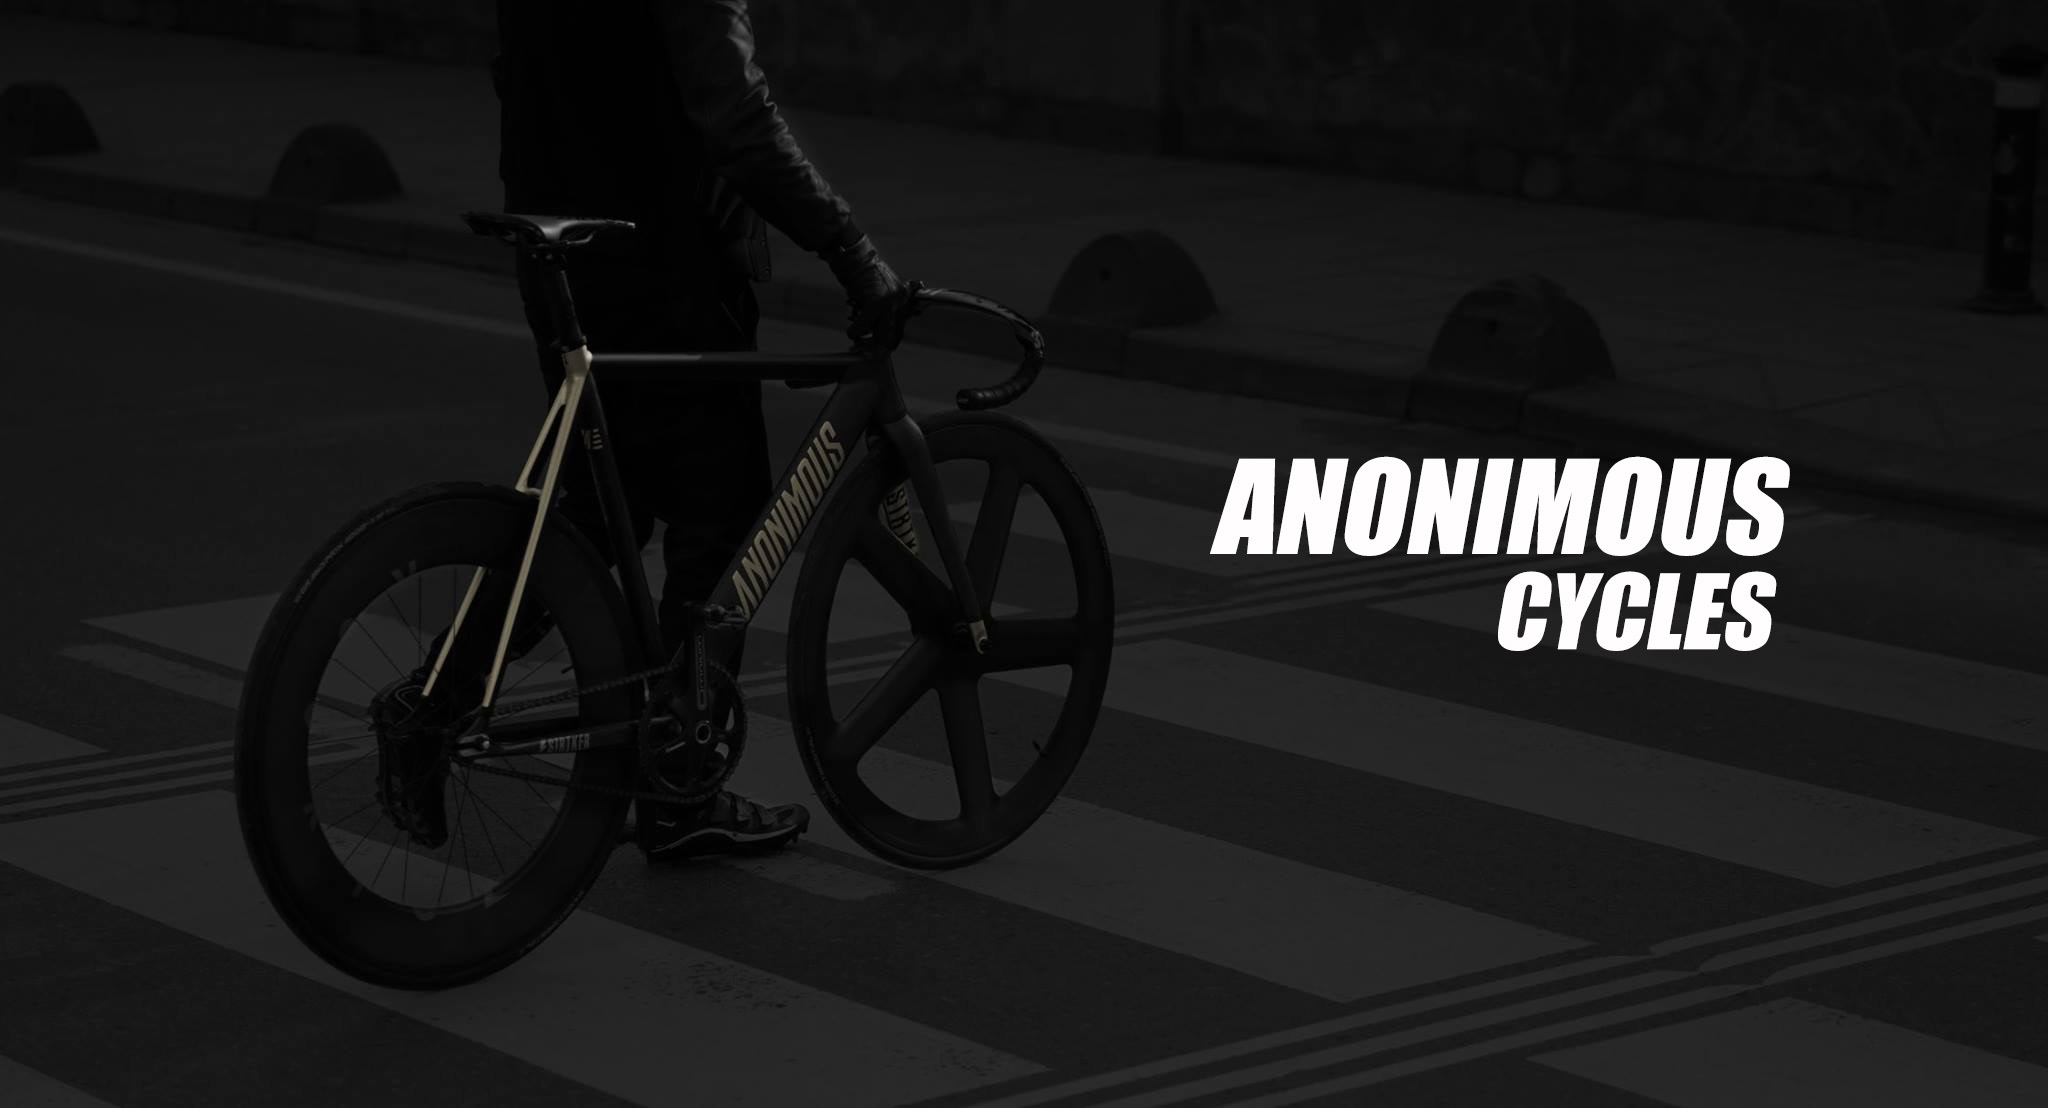 ANONIMOUS CYCLES